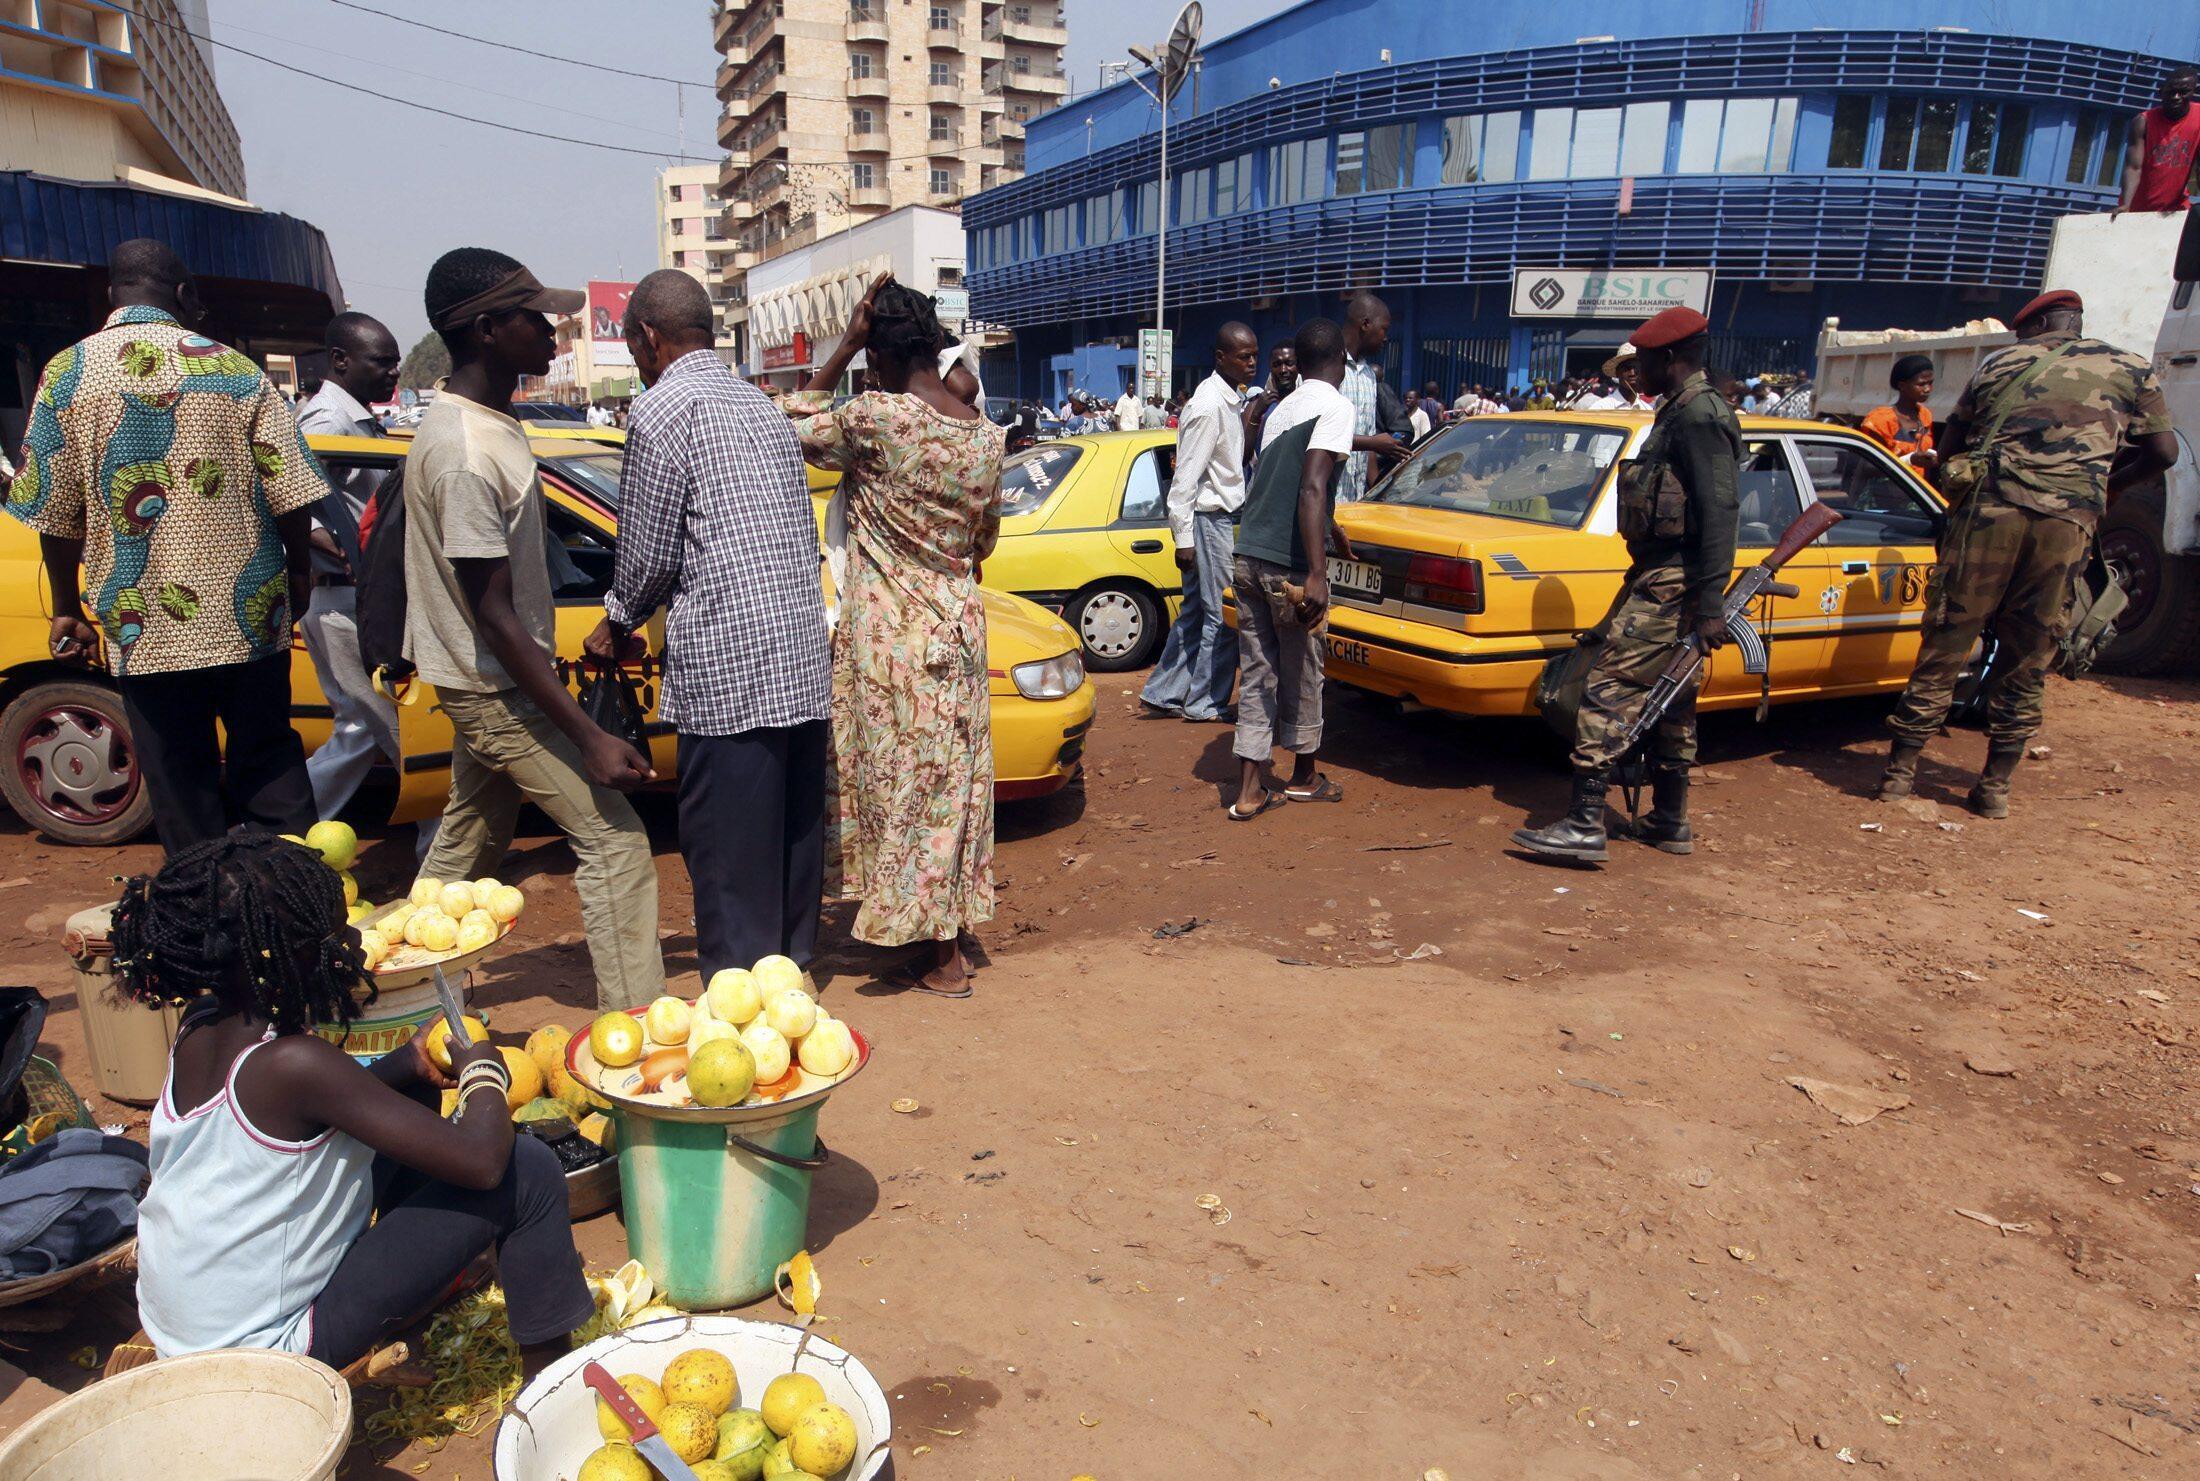 Des soldats centrafricains dans les rues de Bangui le 31 décembre 2012.